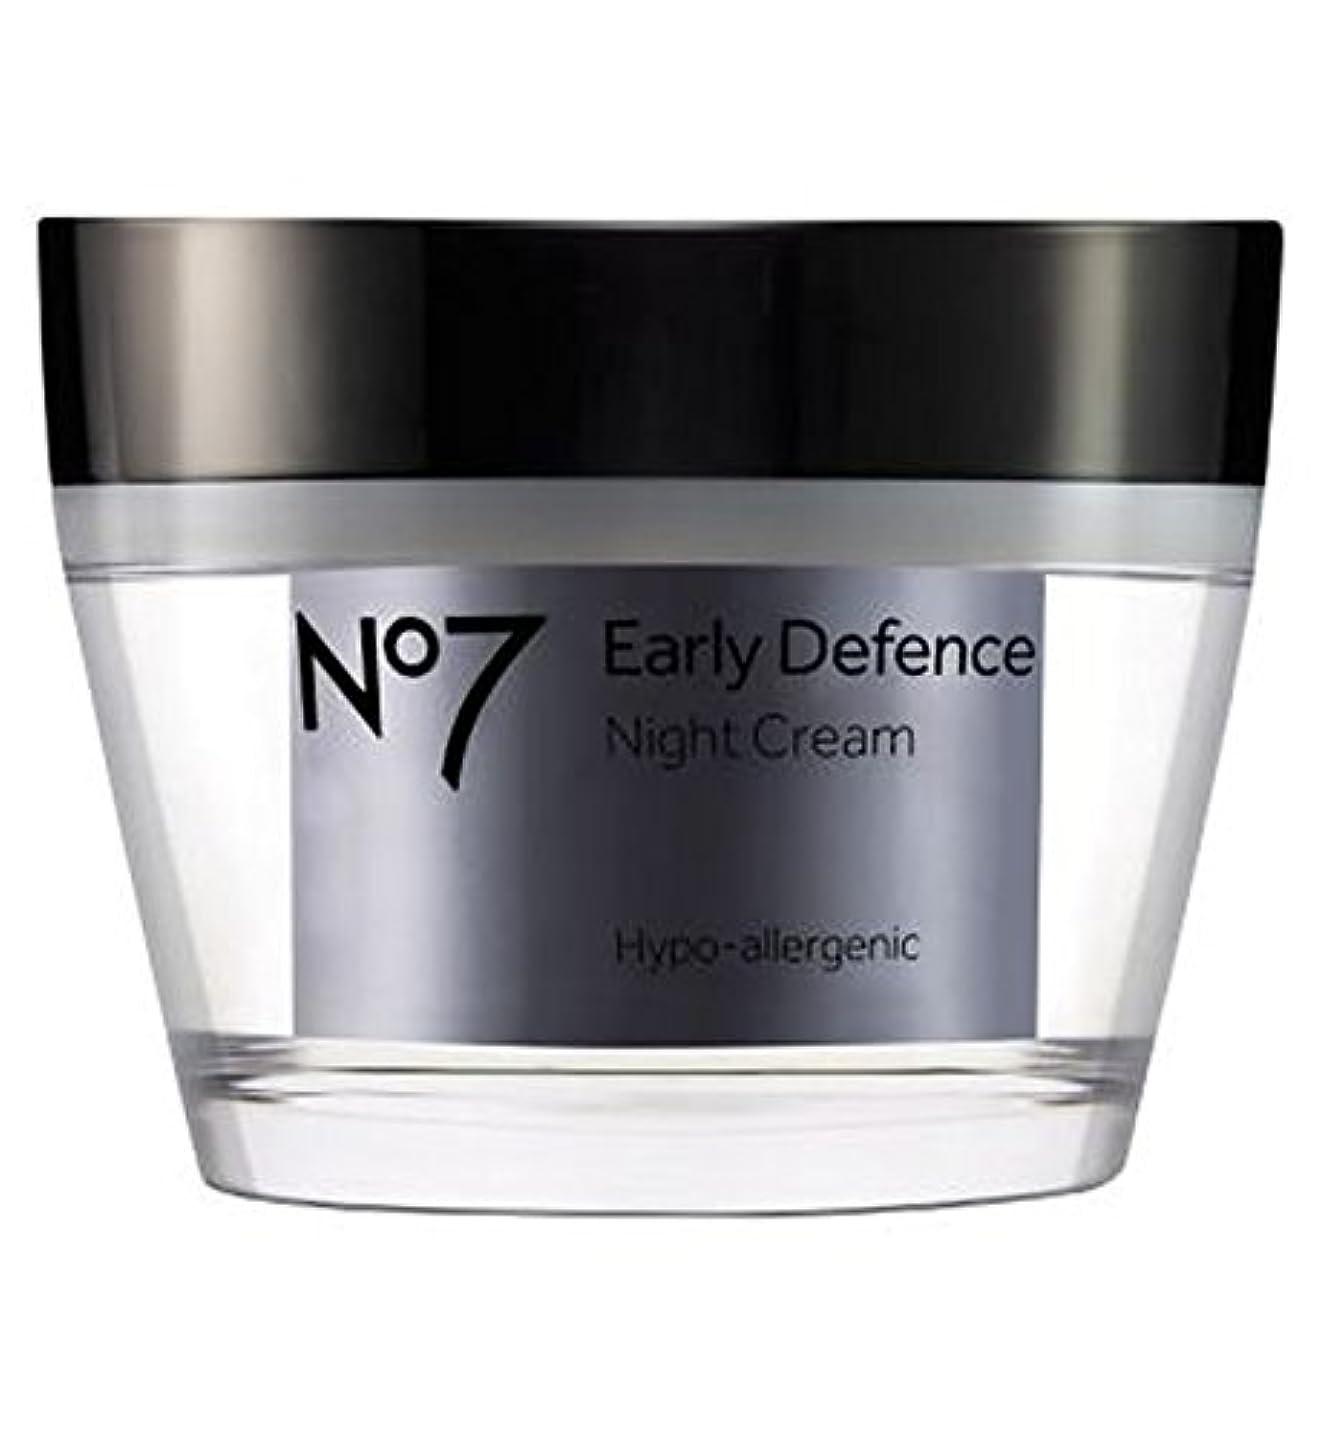 適応インシュレータ約束するNo7早期防衛ナイトクリーム (No7) (x2) - No7 Early Defence Night Cream (Pack of 2) [並行輸入品]